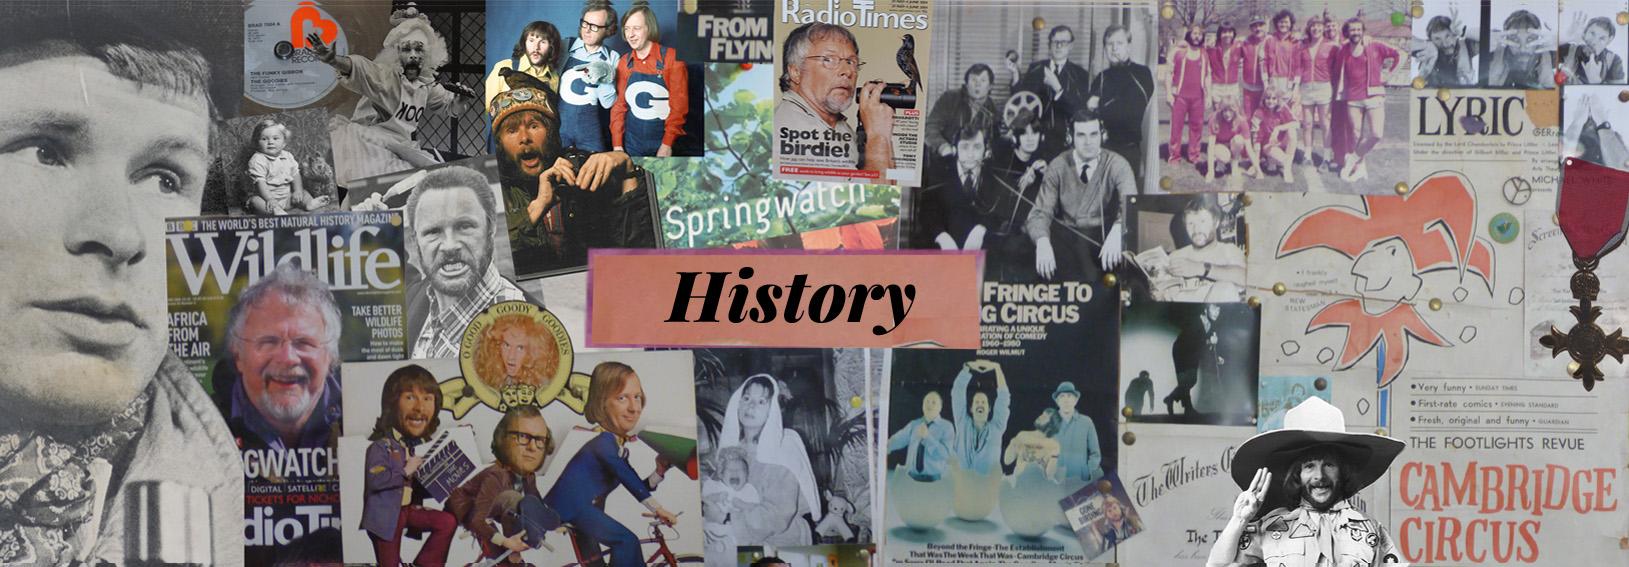 history-header1